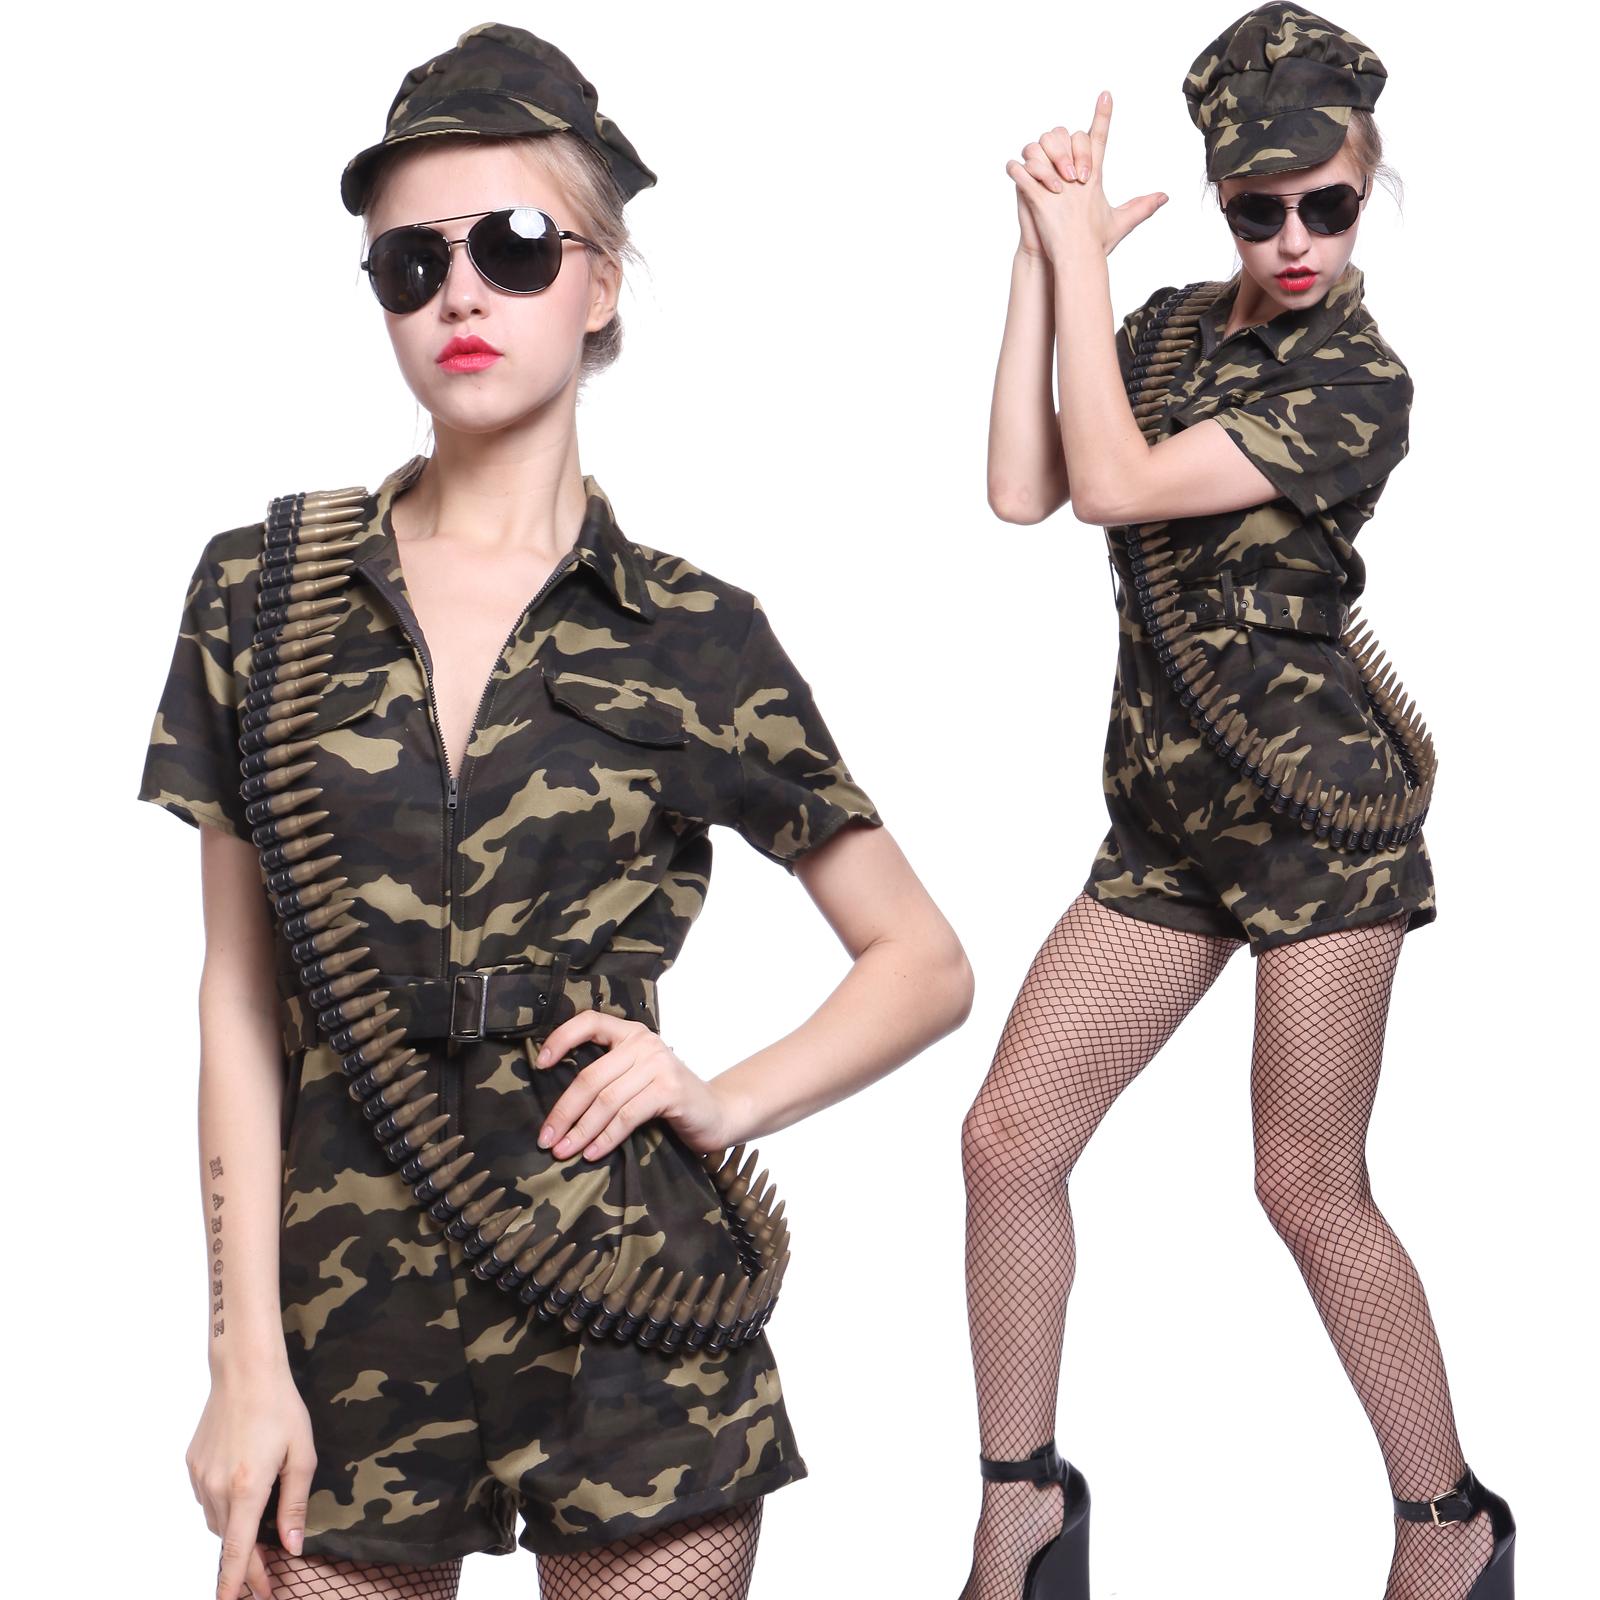 28713c03dd2 Details about Lady Army Girl Costume Commando Soldier Camo Fancy Dress  Uniform Jumpsuit S M L